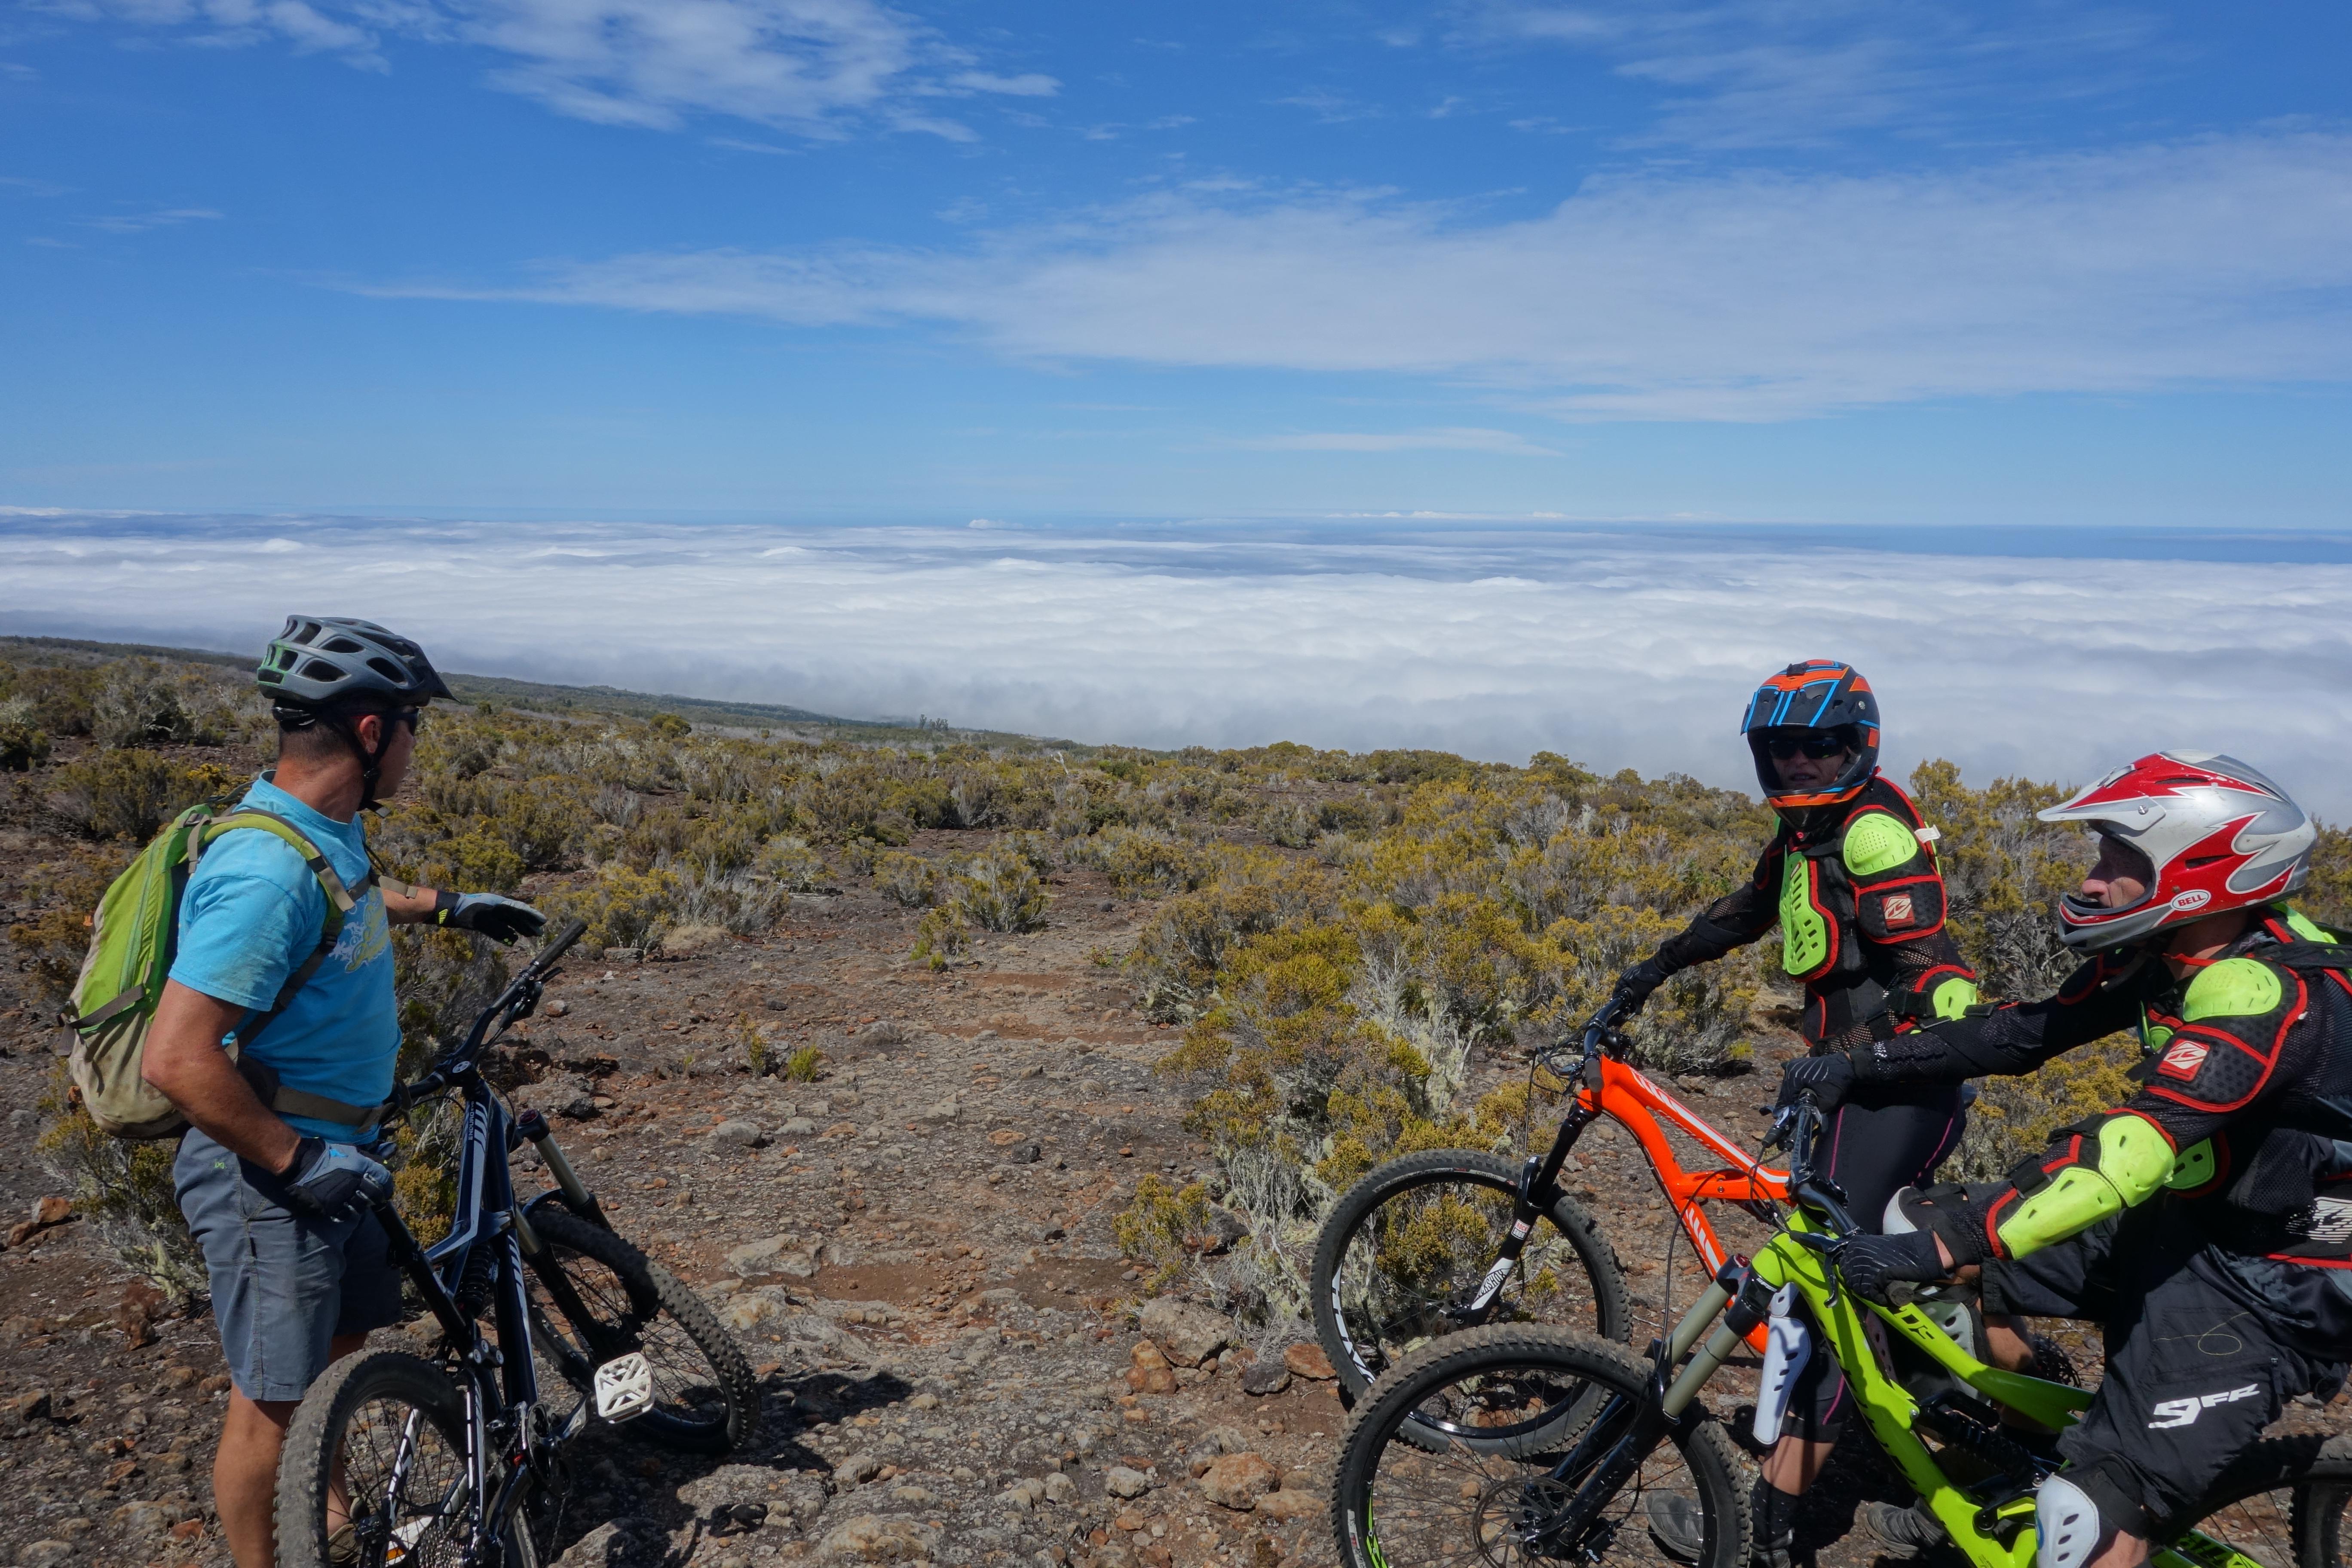 Der erste Trailabschnitt über Vulkangestein mit wenig Bewuchs